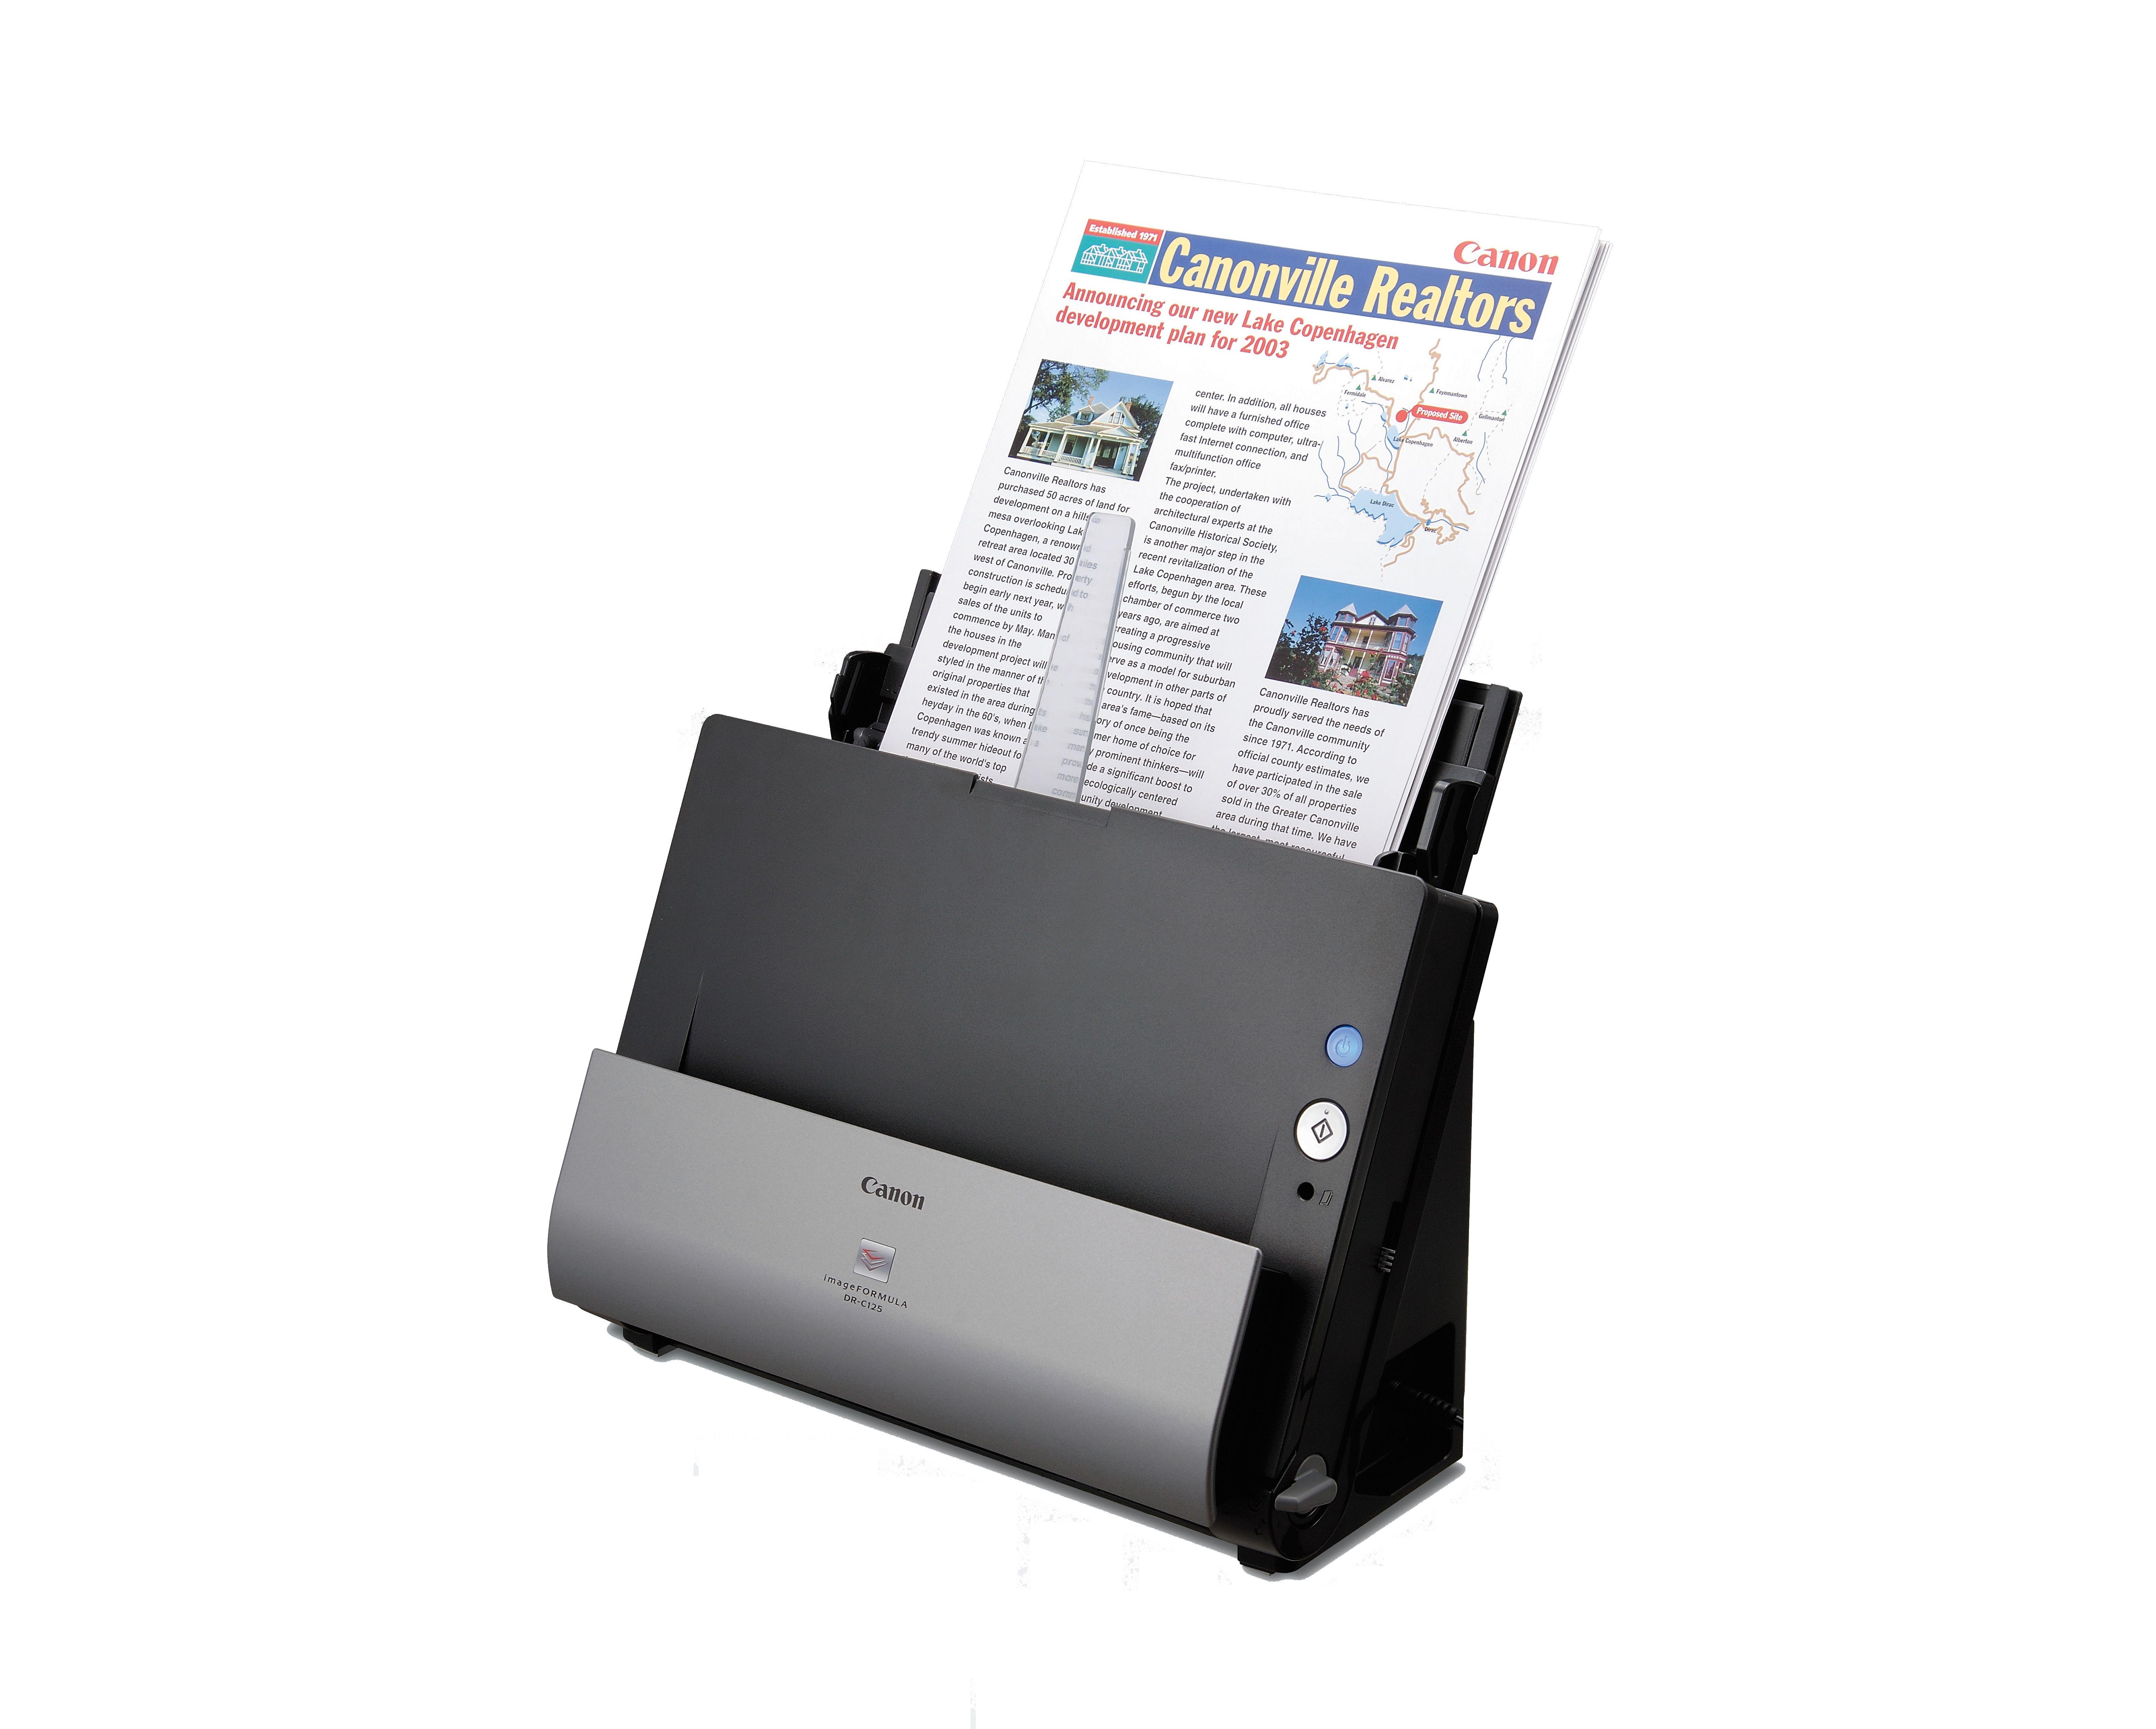 Ultrakompakt és stílusos: új asztali lapolvasó a Canontól